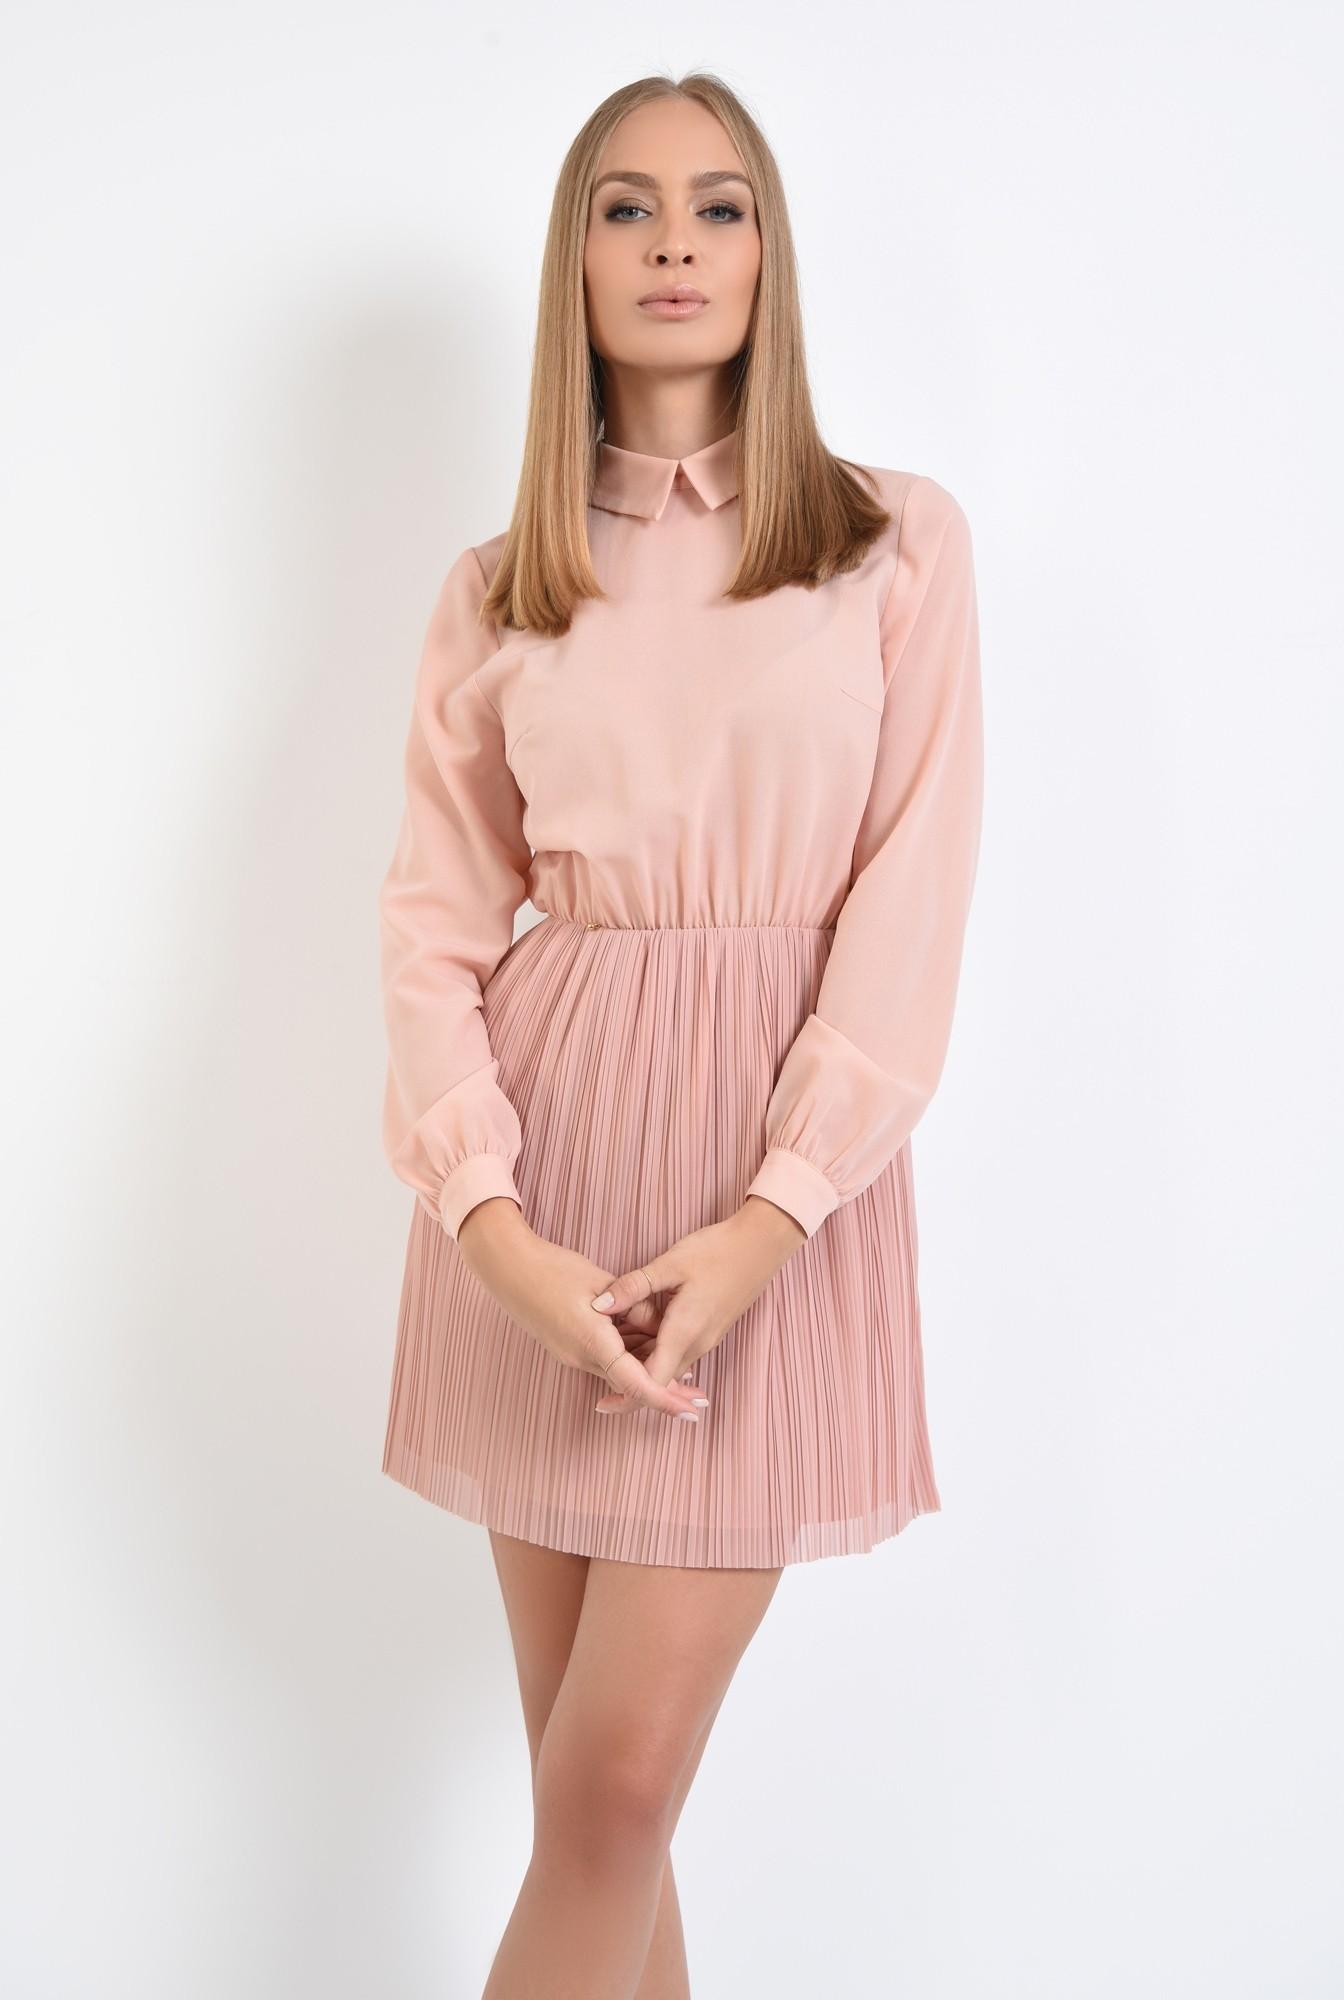 0 - 360 - rochie din voal plisata, clos, rochii online